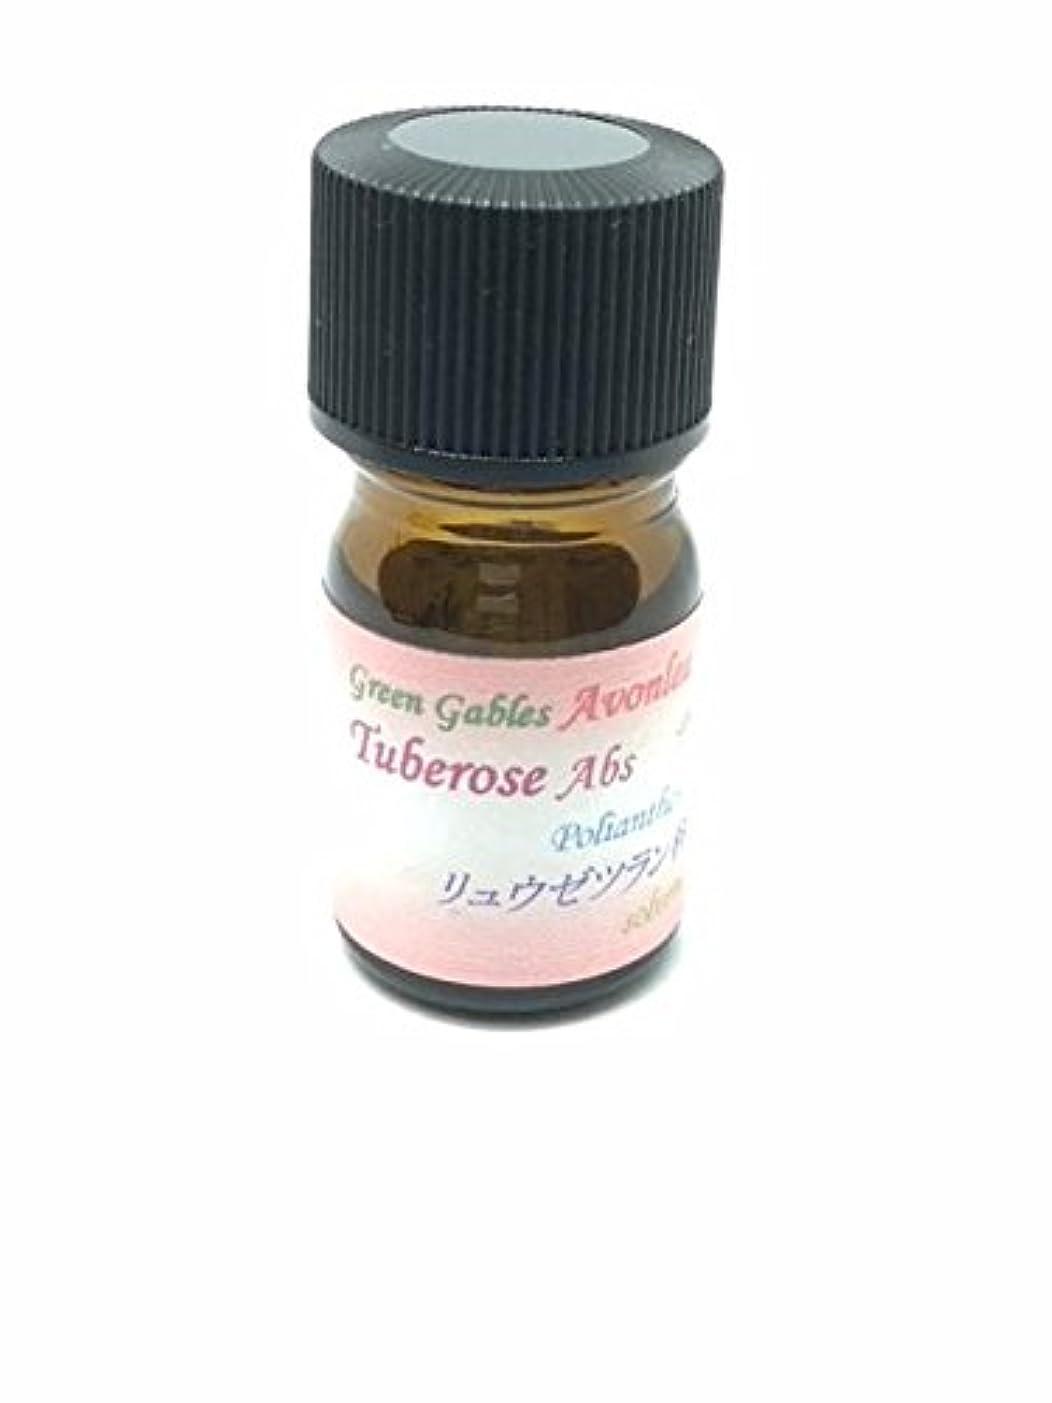 十分に範囲財産月下香精油 ピュアエッセンシャルオイル チュベローズアブソリュード Tuberose (100ml)